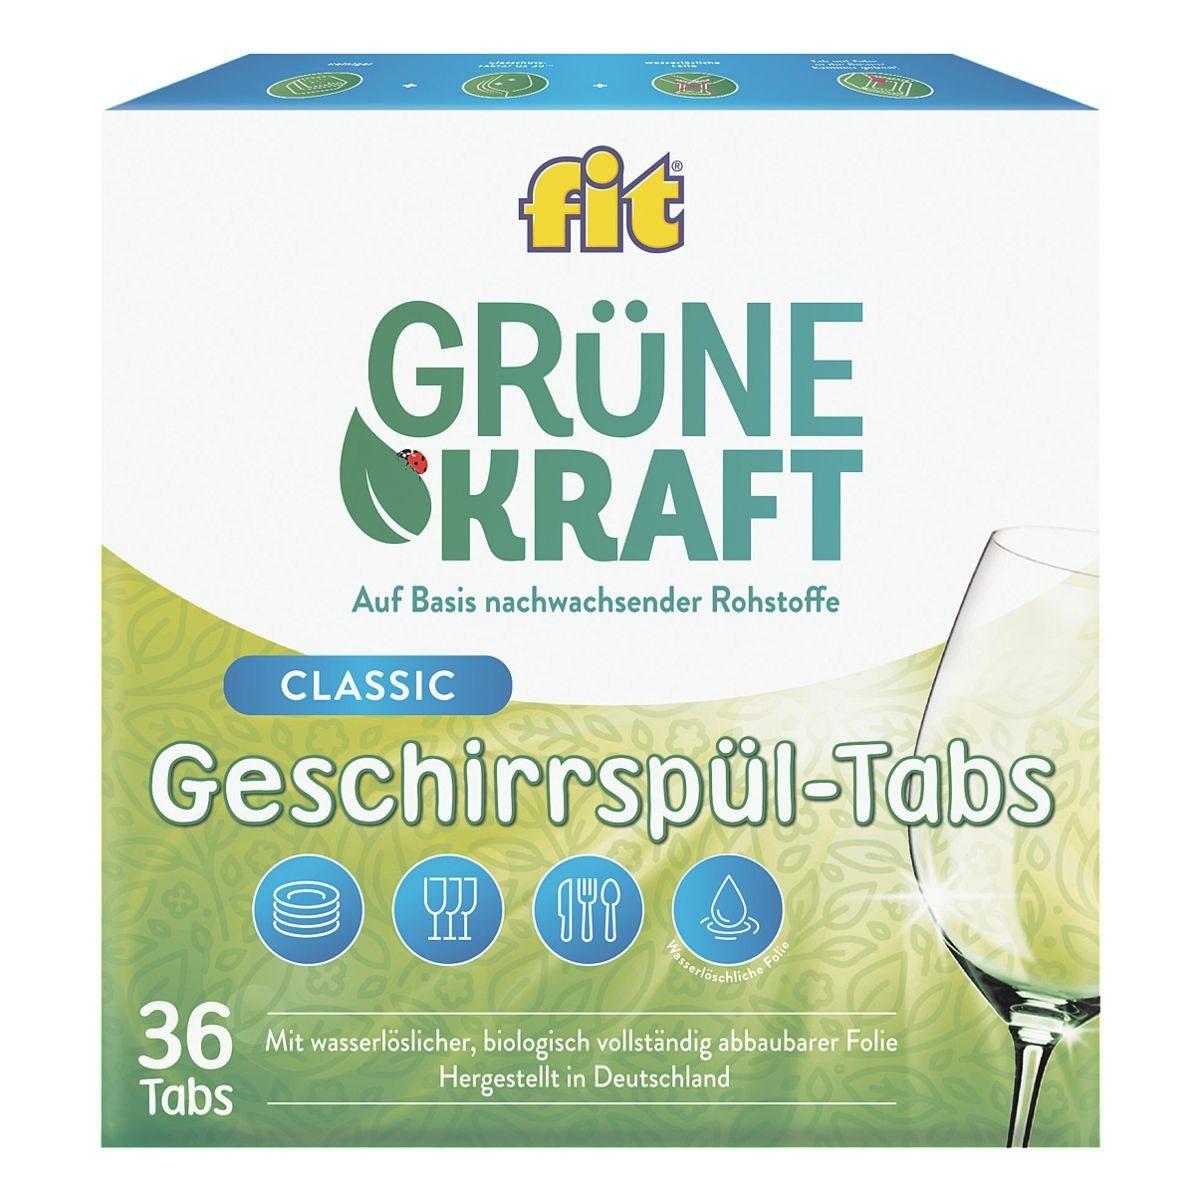 FIT GRUENEKRAFT Geschirrspültabs »Classic«